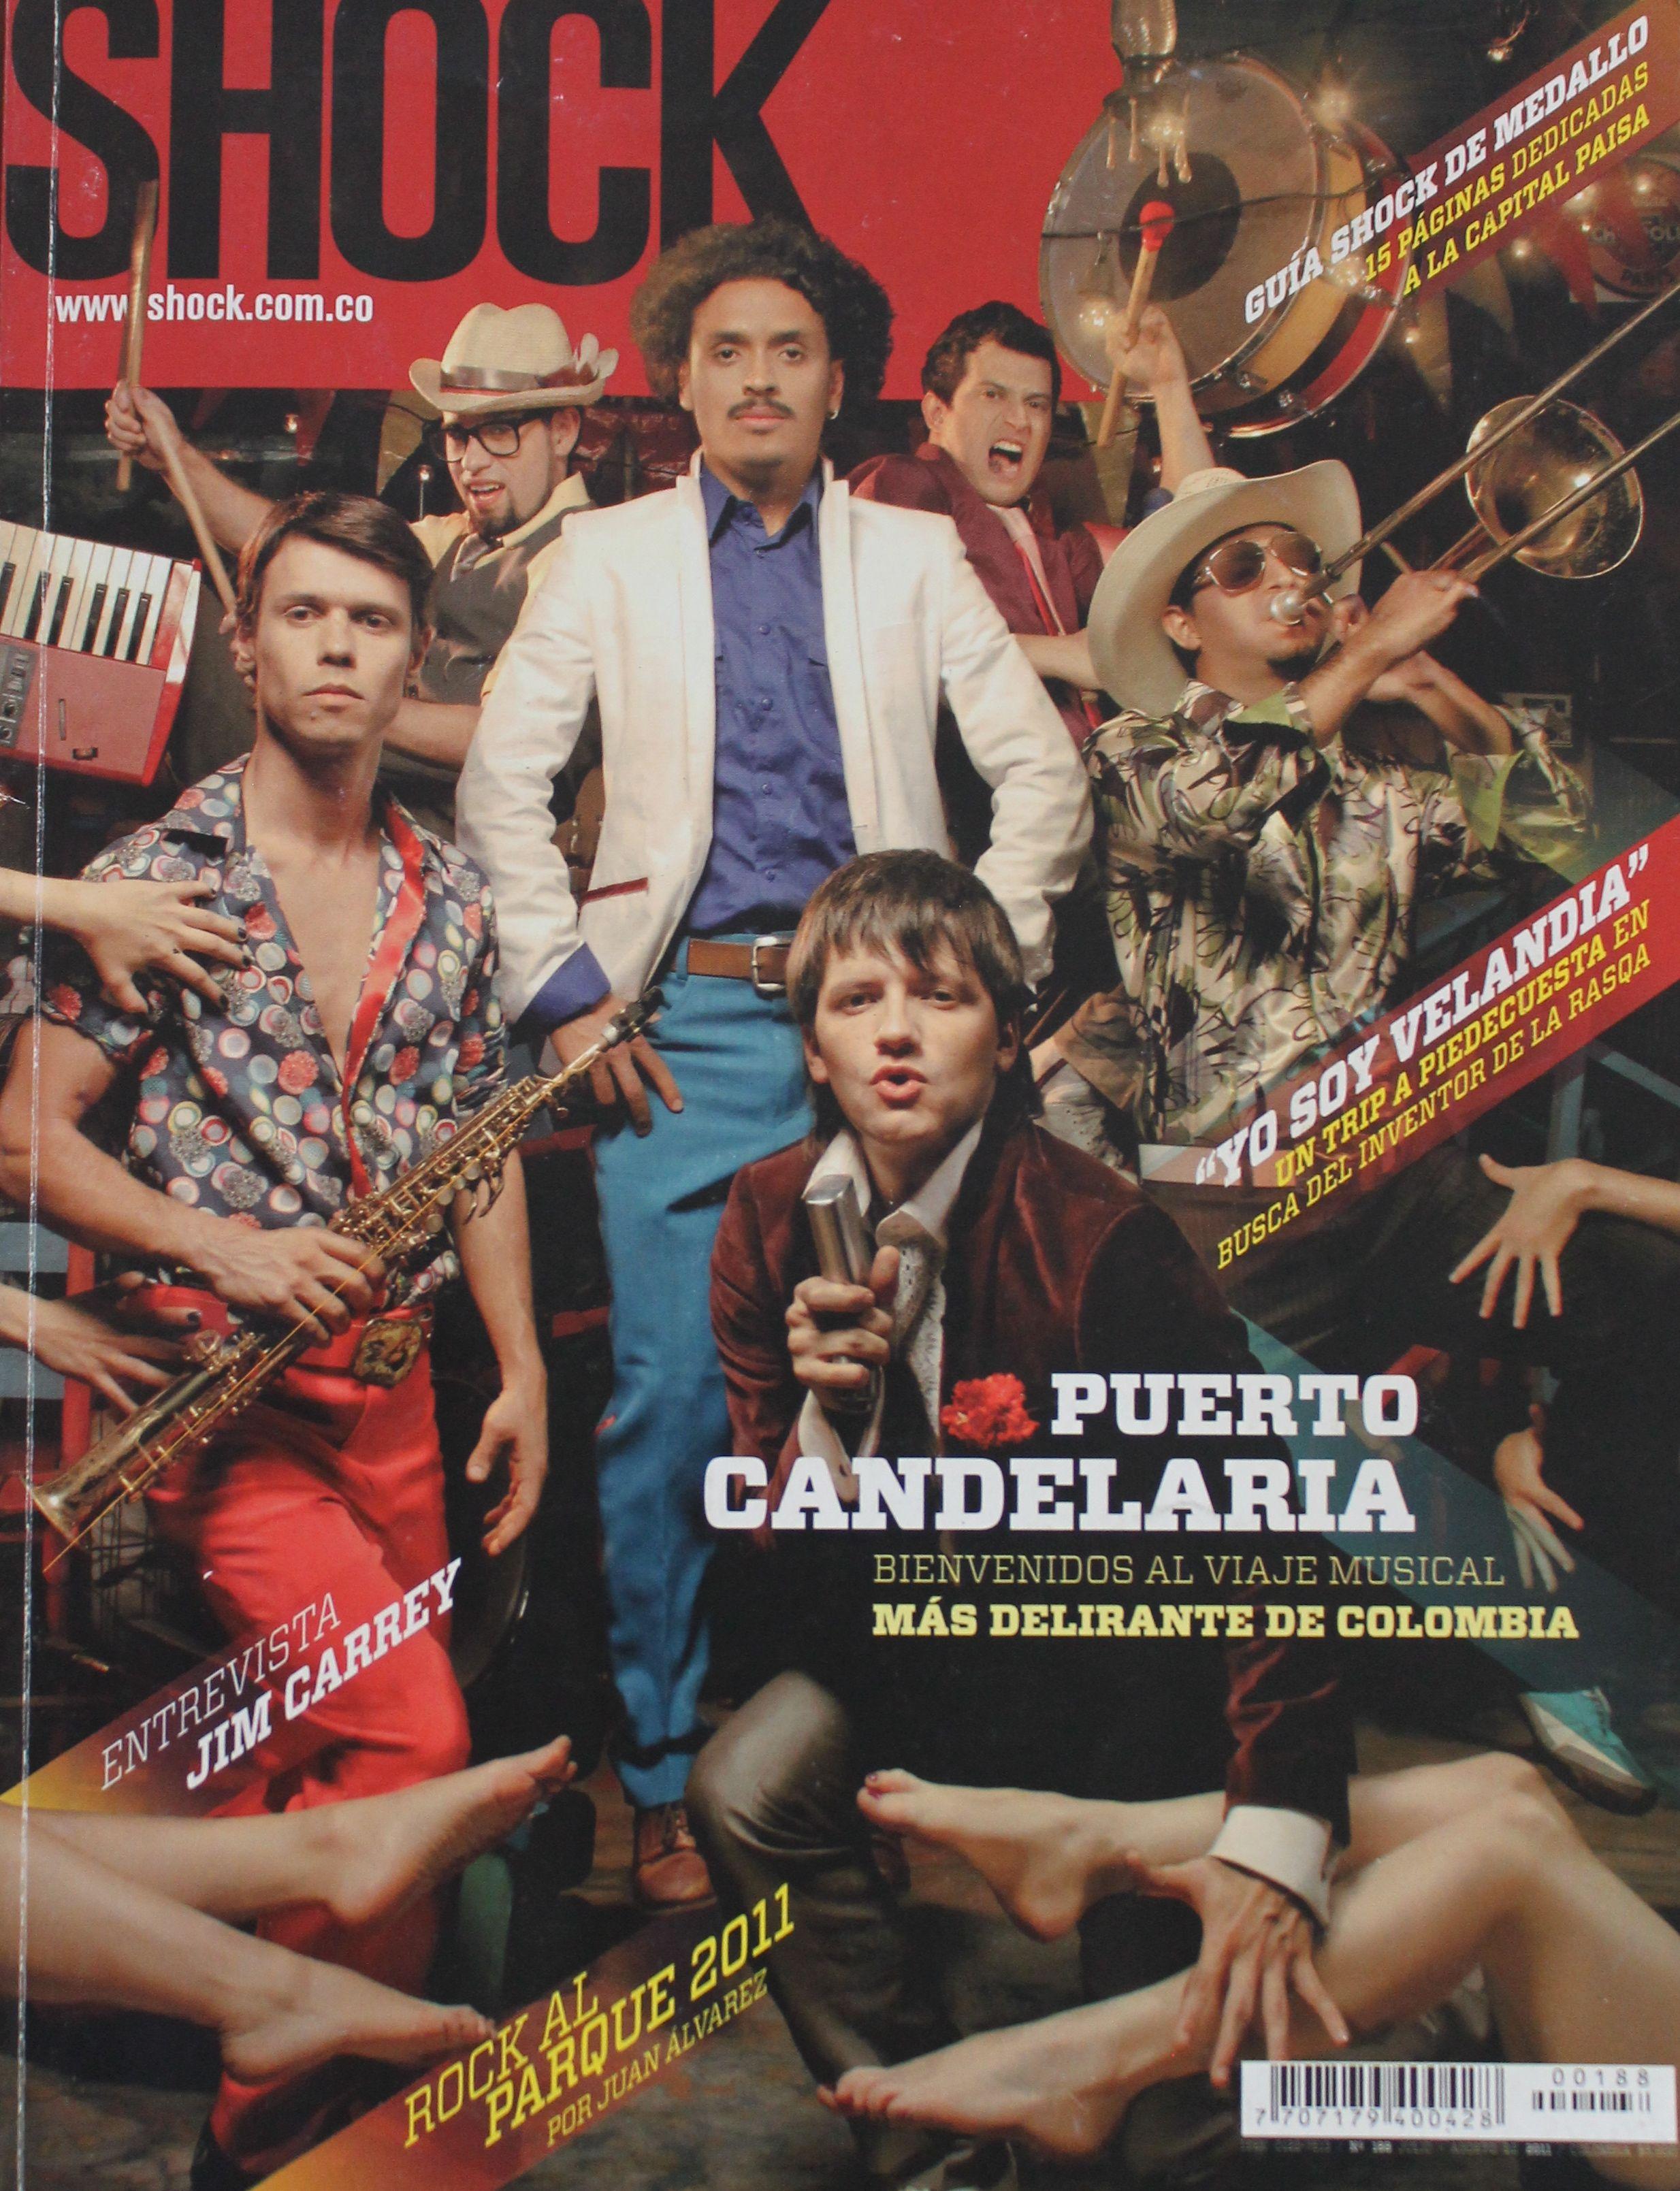 Revista Shock Magazine www.shock.com.co (Puerto Candelaria)